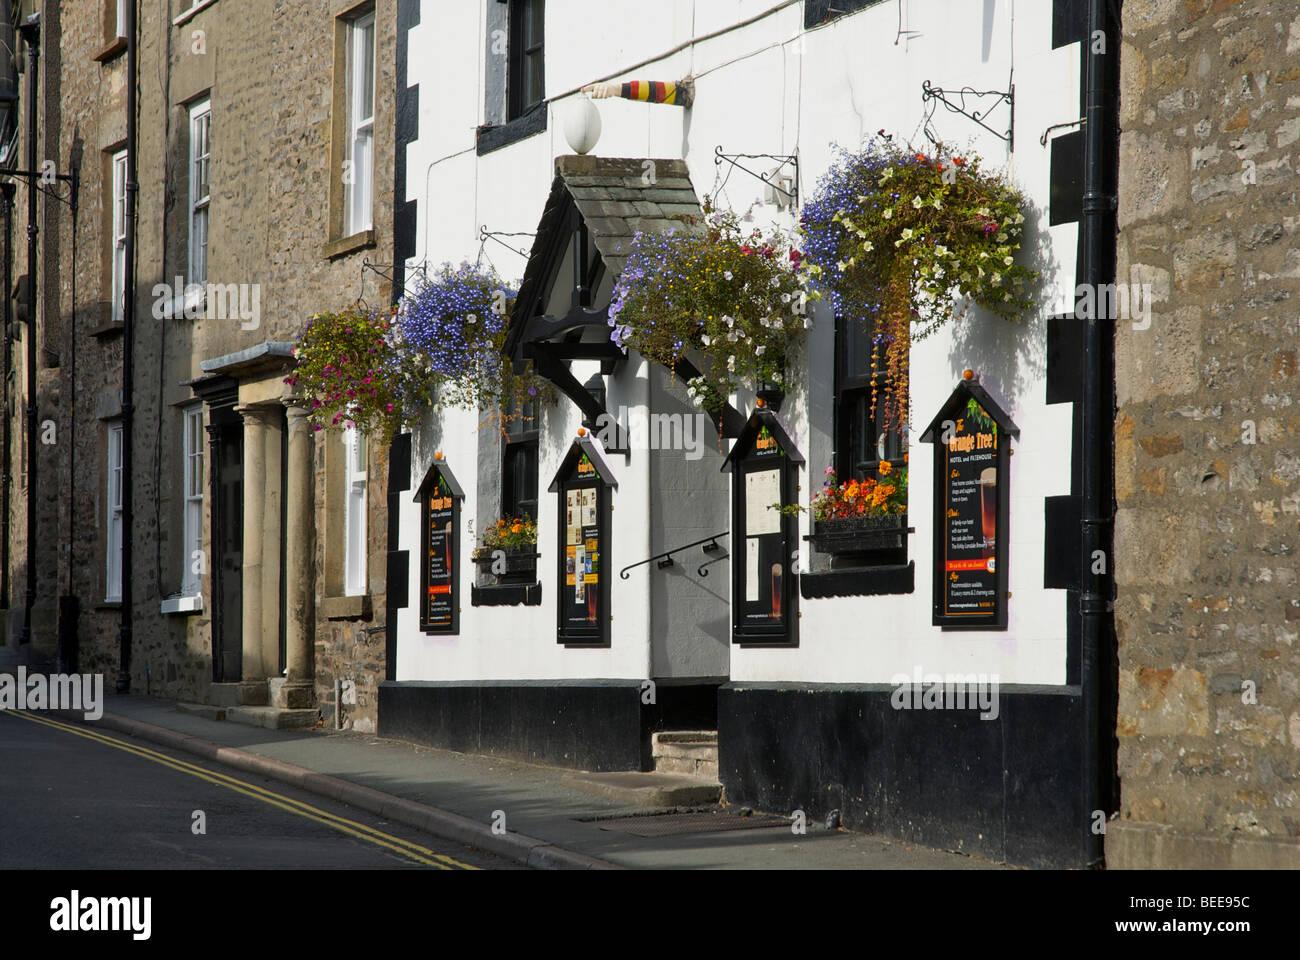 The Orange Tree Hotel, Fairbank, Kirkby Lonsdale, Cumbria, England UK - Stock Image